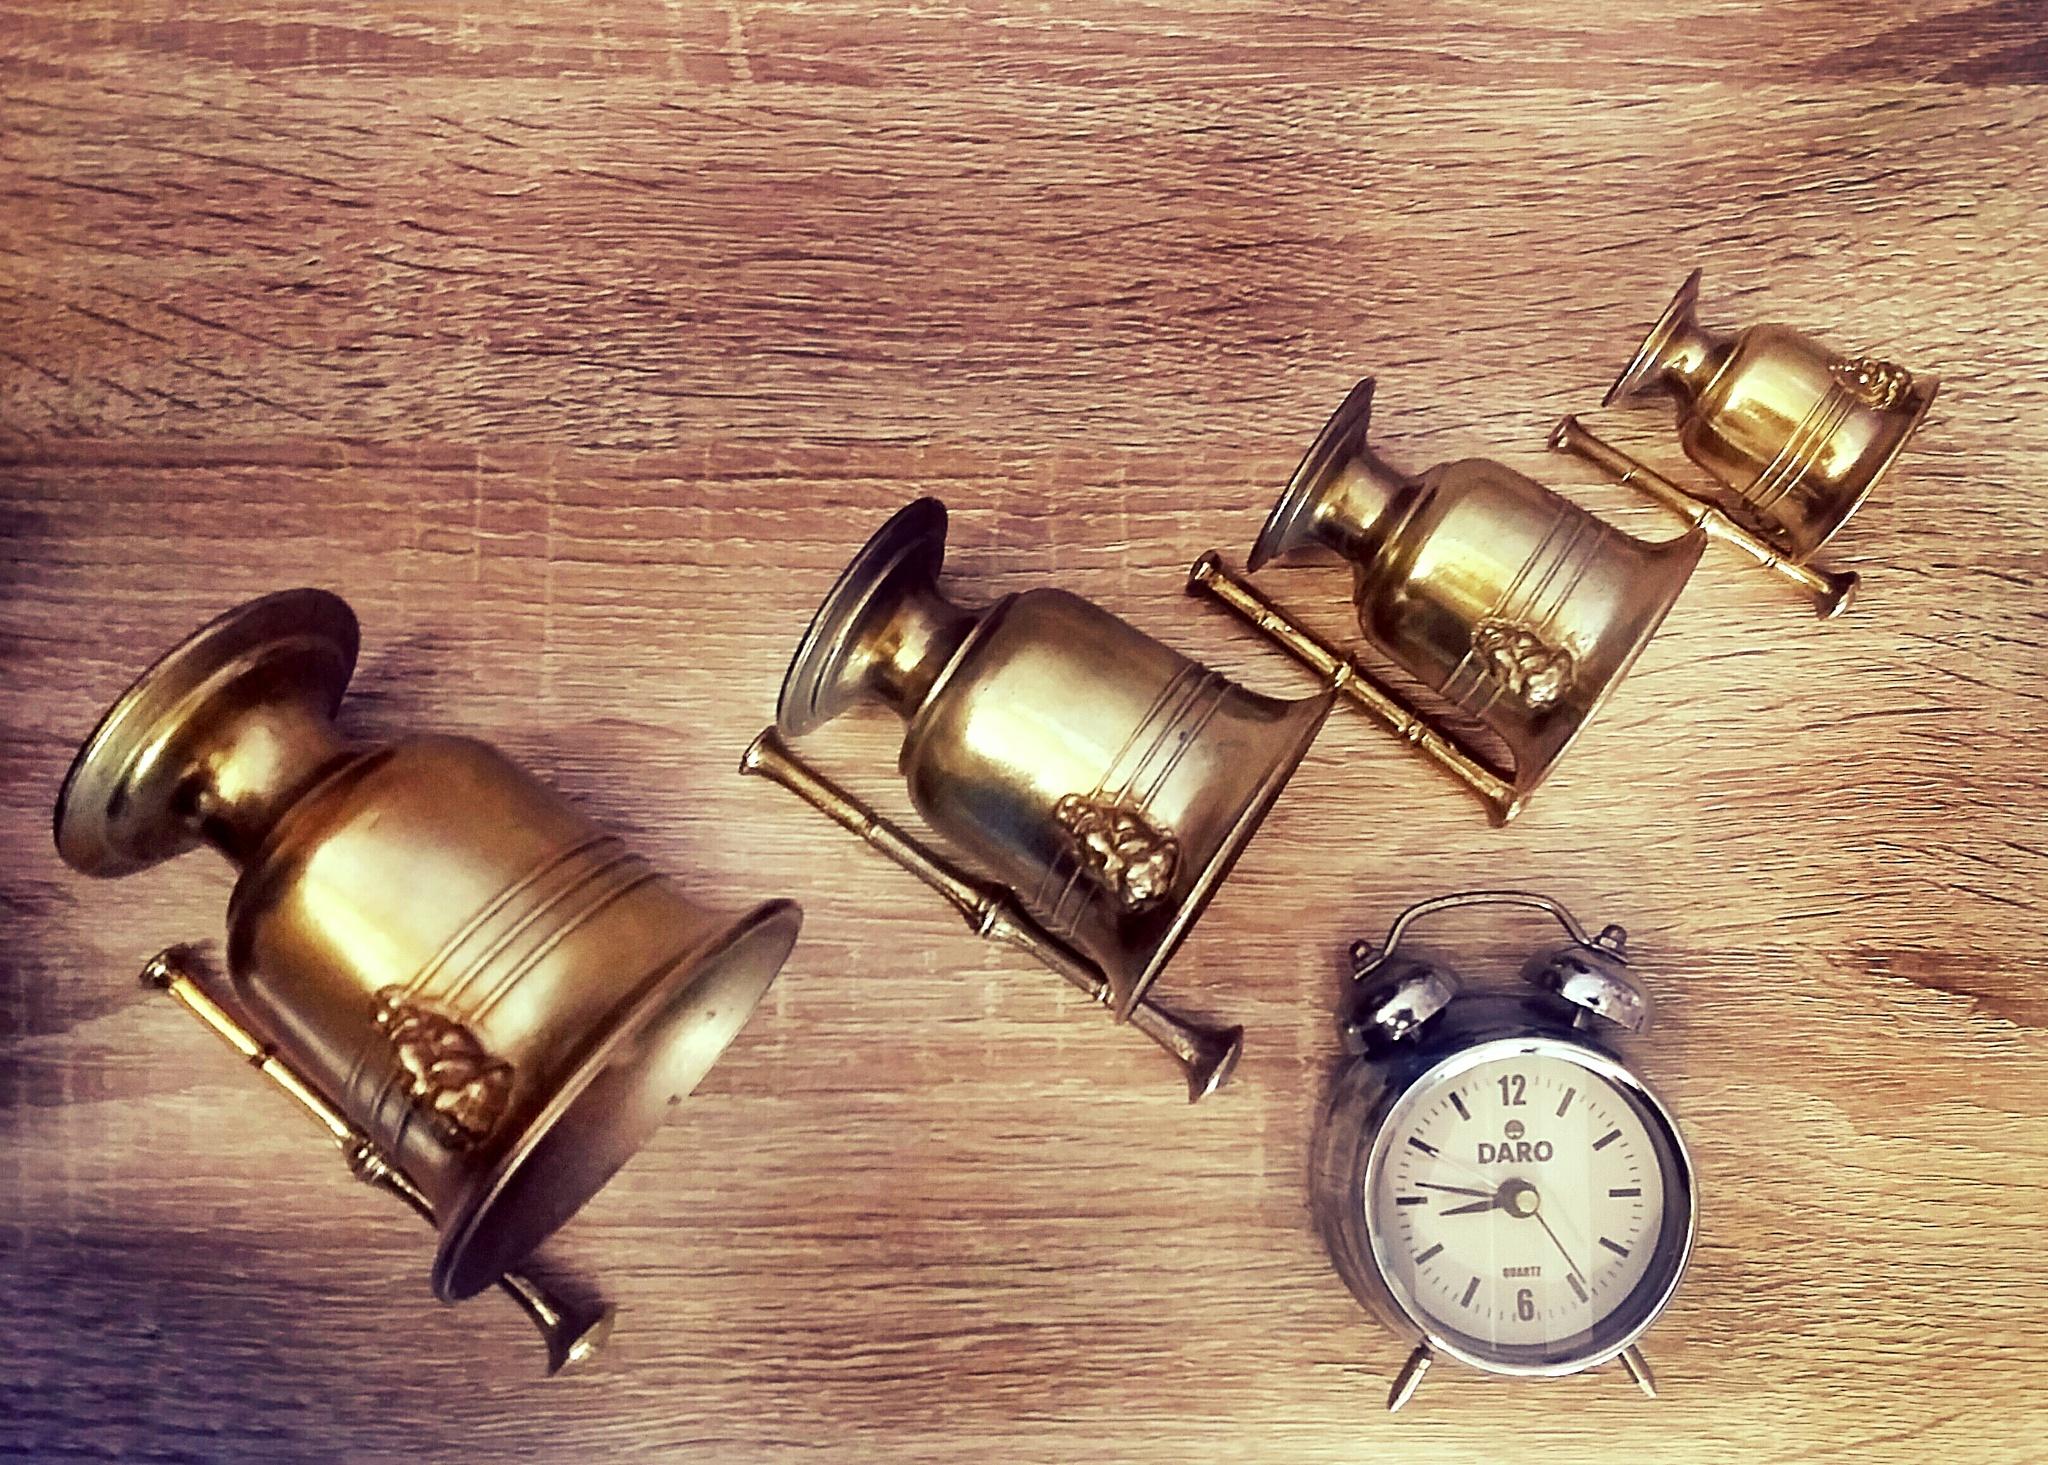 old is gold by Amr Kamal Alden